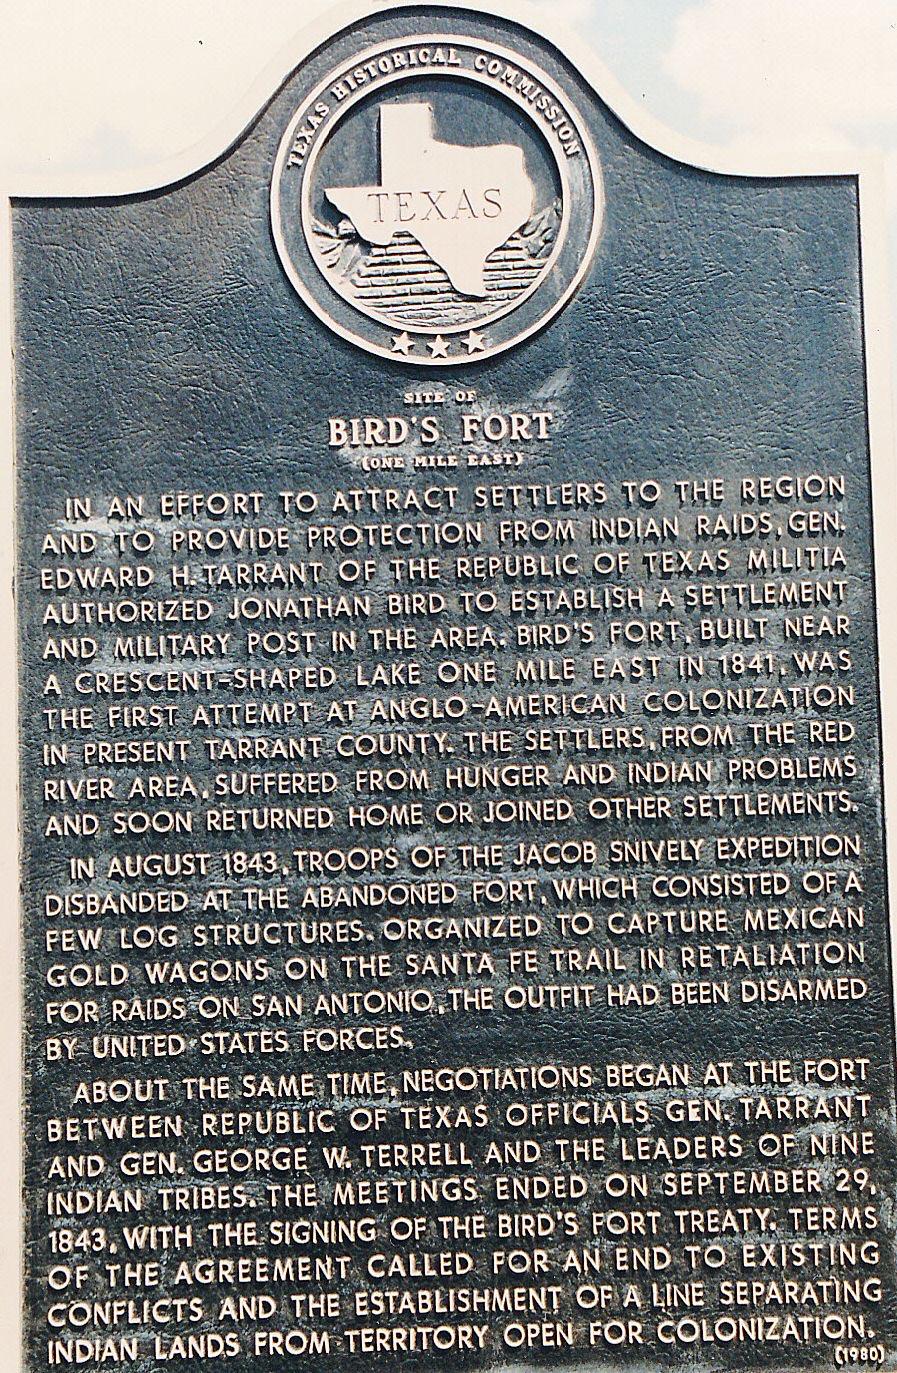 Site of Bird's Fort